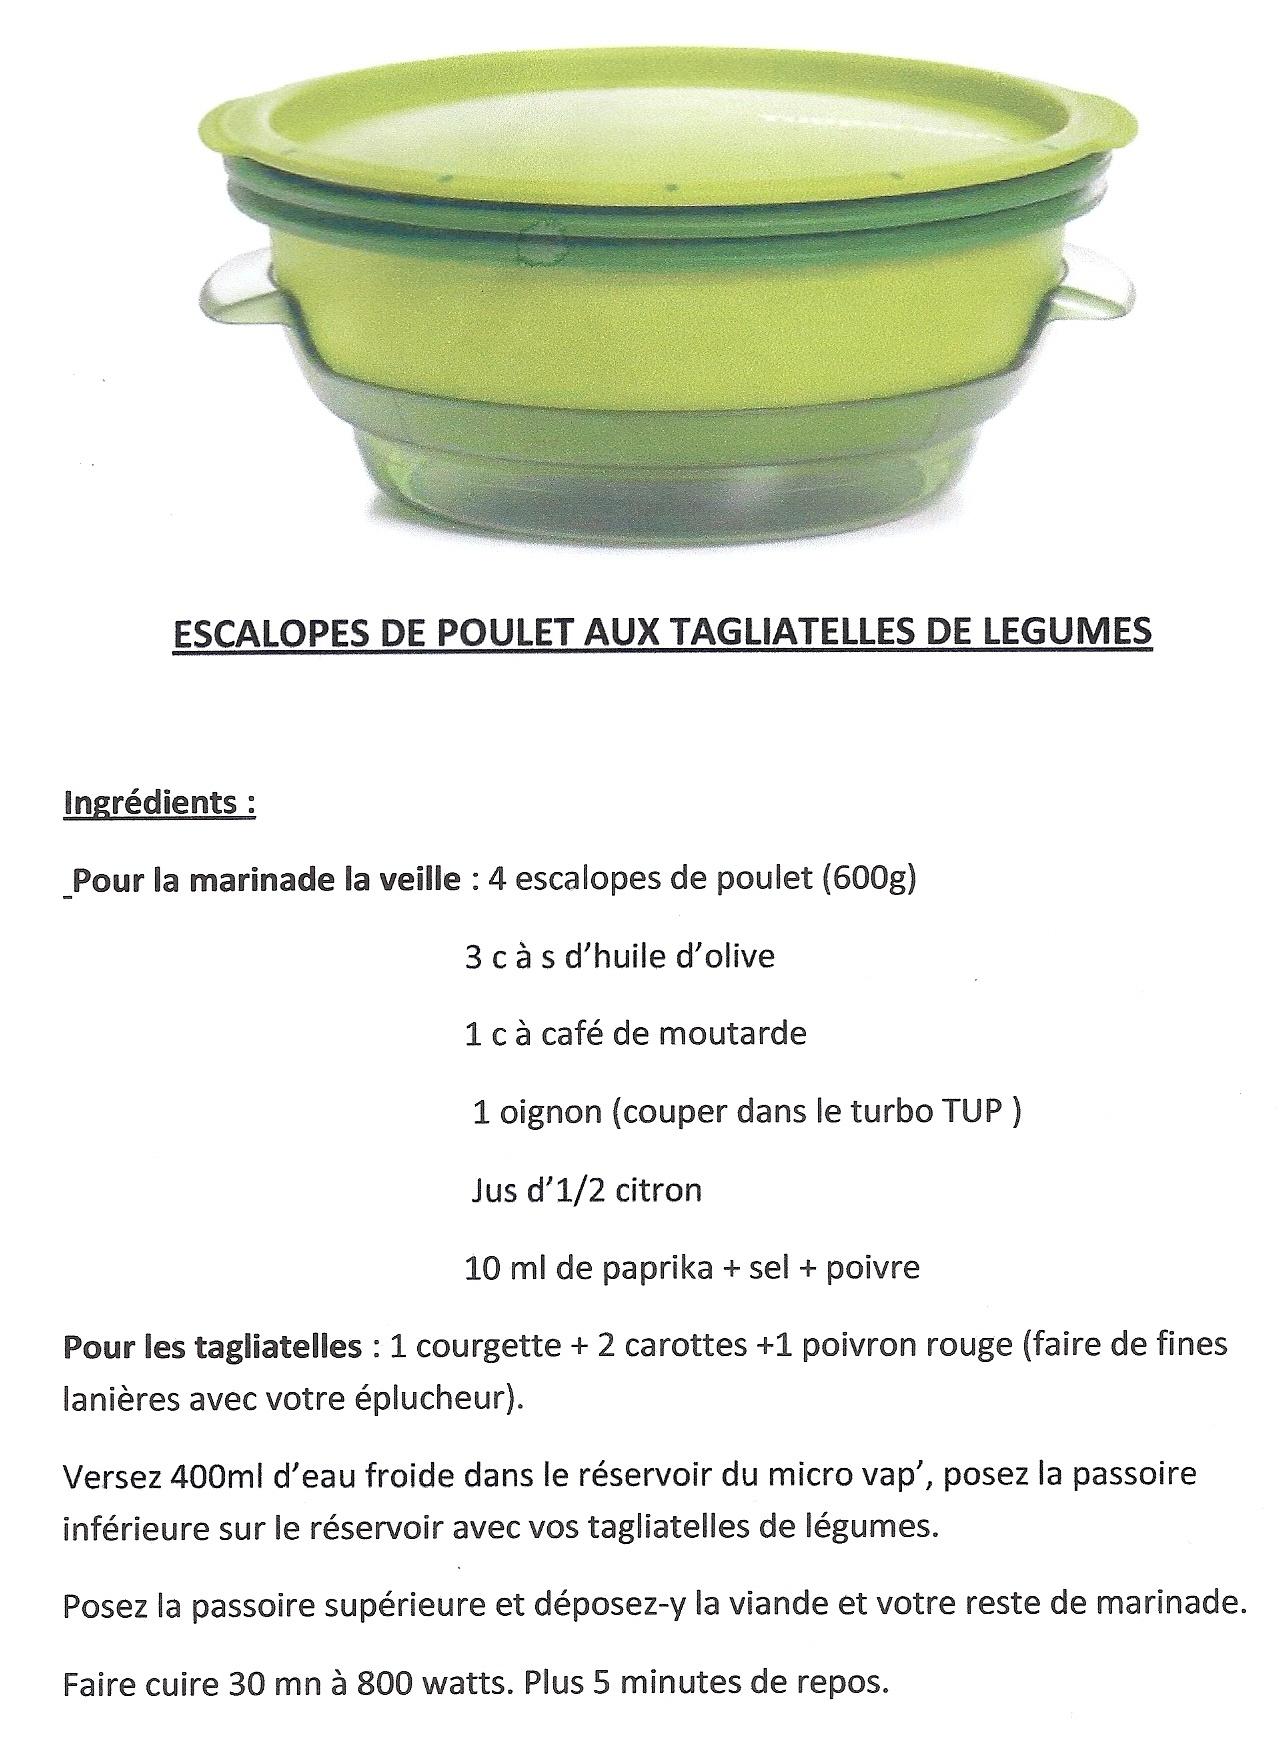 Bien-aimé Escaloppes de poulet / Tagliatelles de légumes au Micro Vap  RQ13